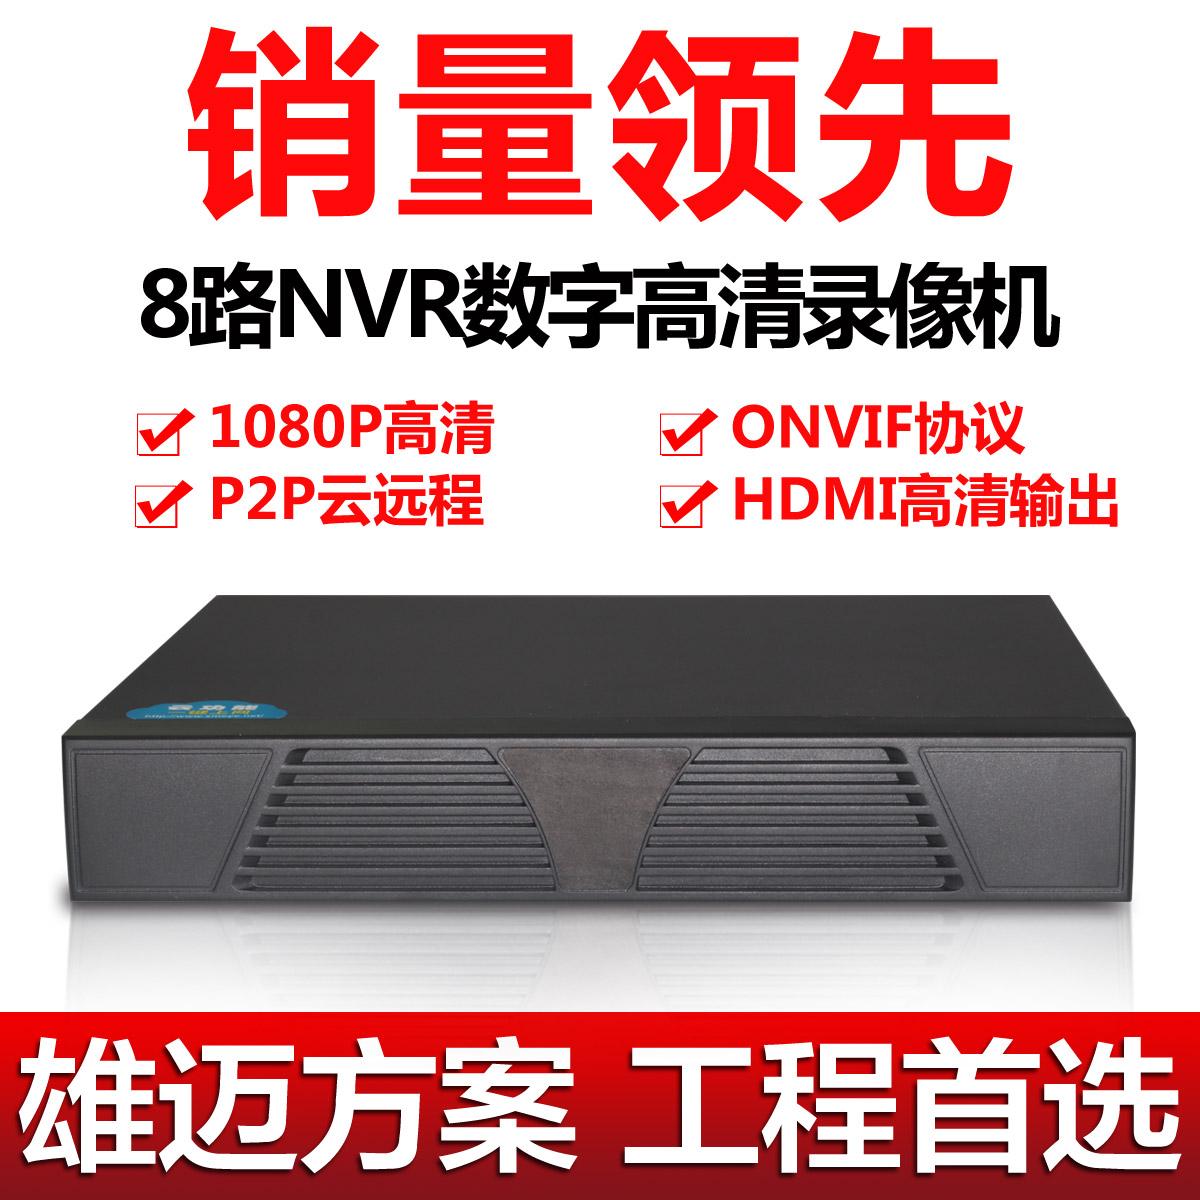 8路NVR数字网络高清硬盘录像机手机云监控雄迈主机720/960/1080P